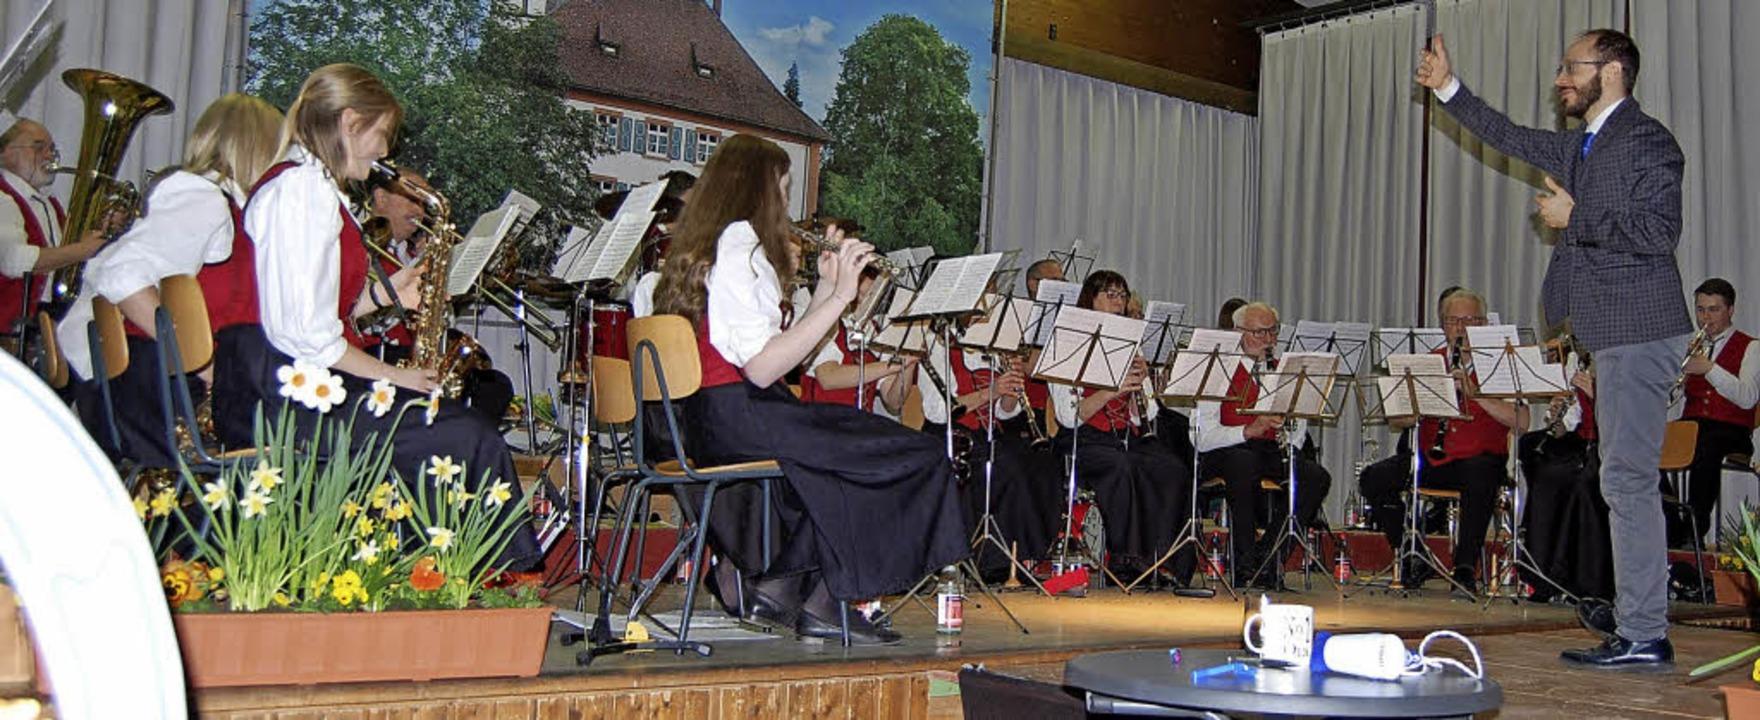 Eine musikalische Zeitreise durch die ...orsitzende Veronika Kaiser (rechts).    | Foto: Melanie Dramac